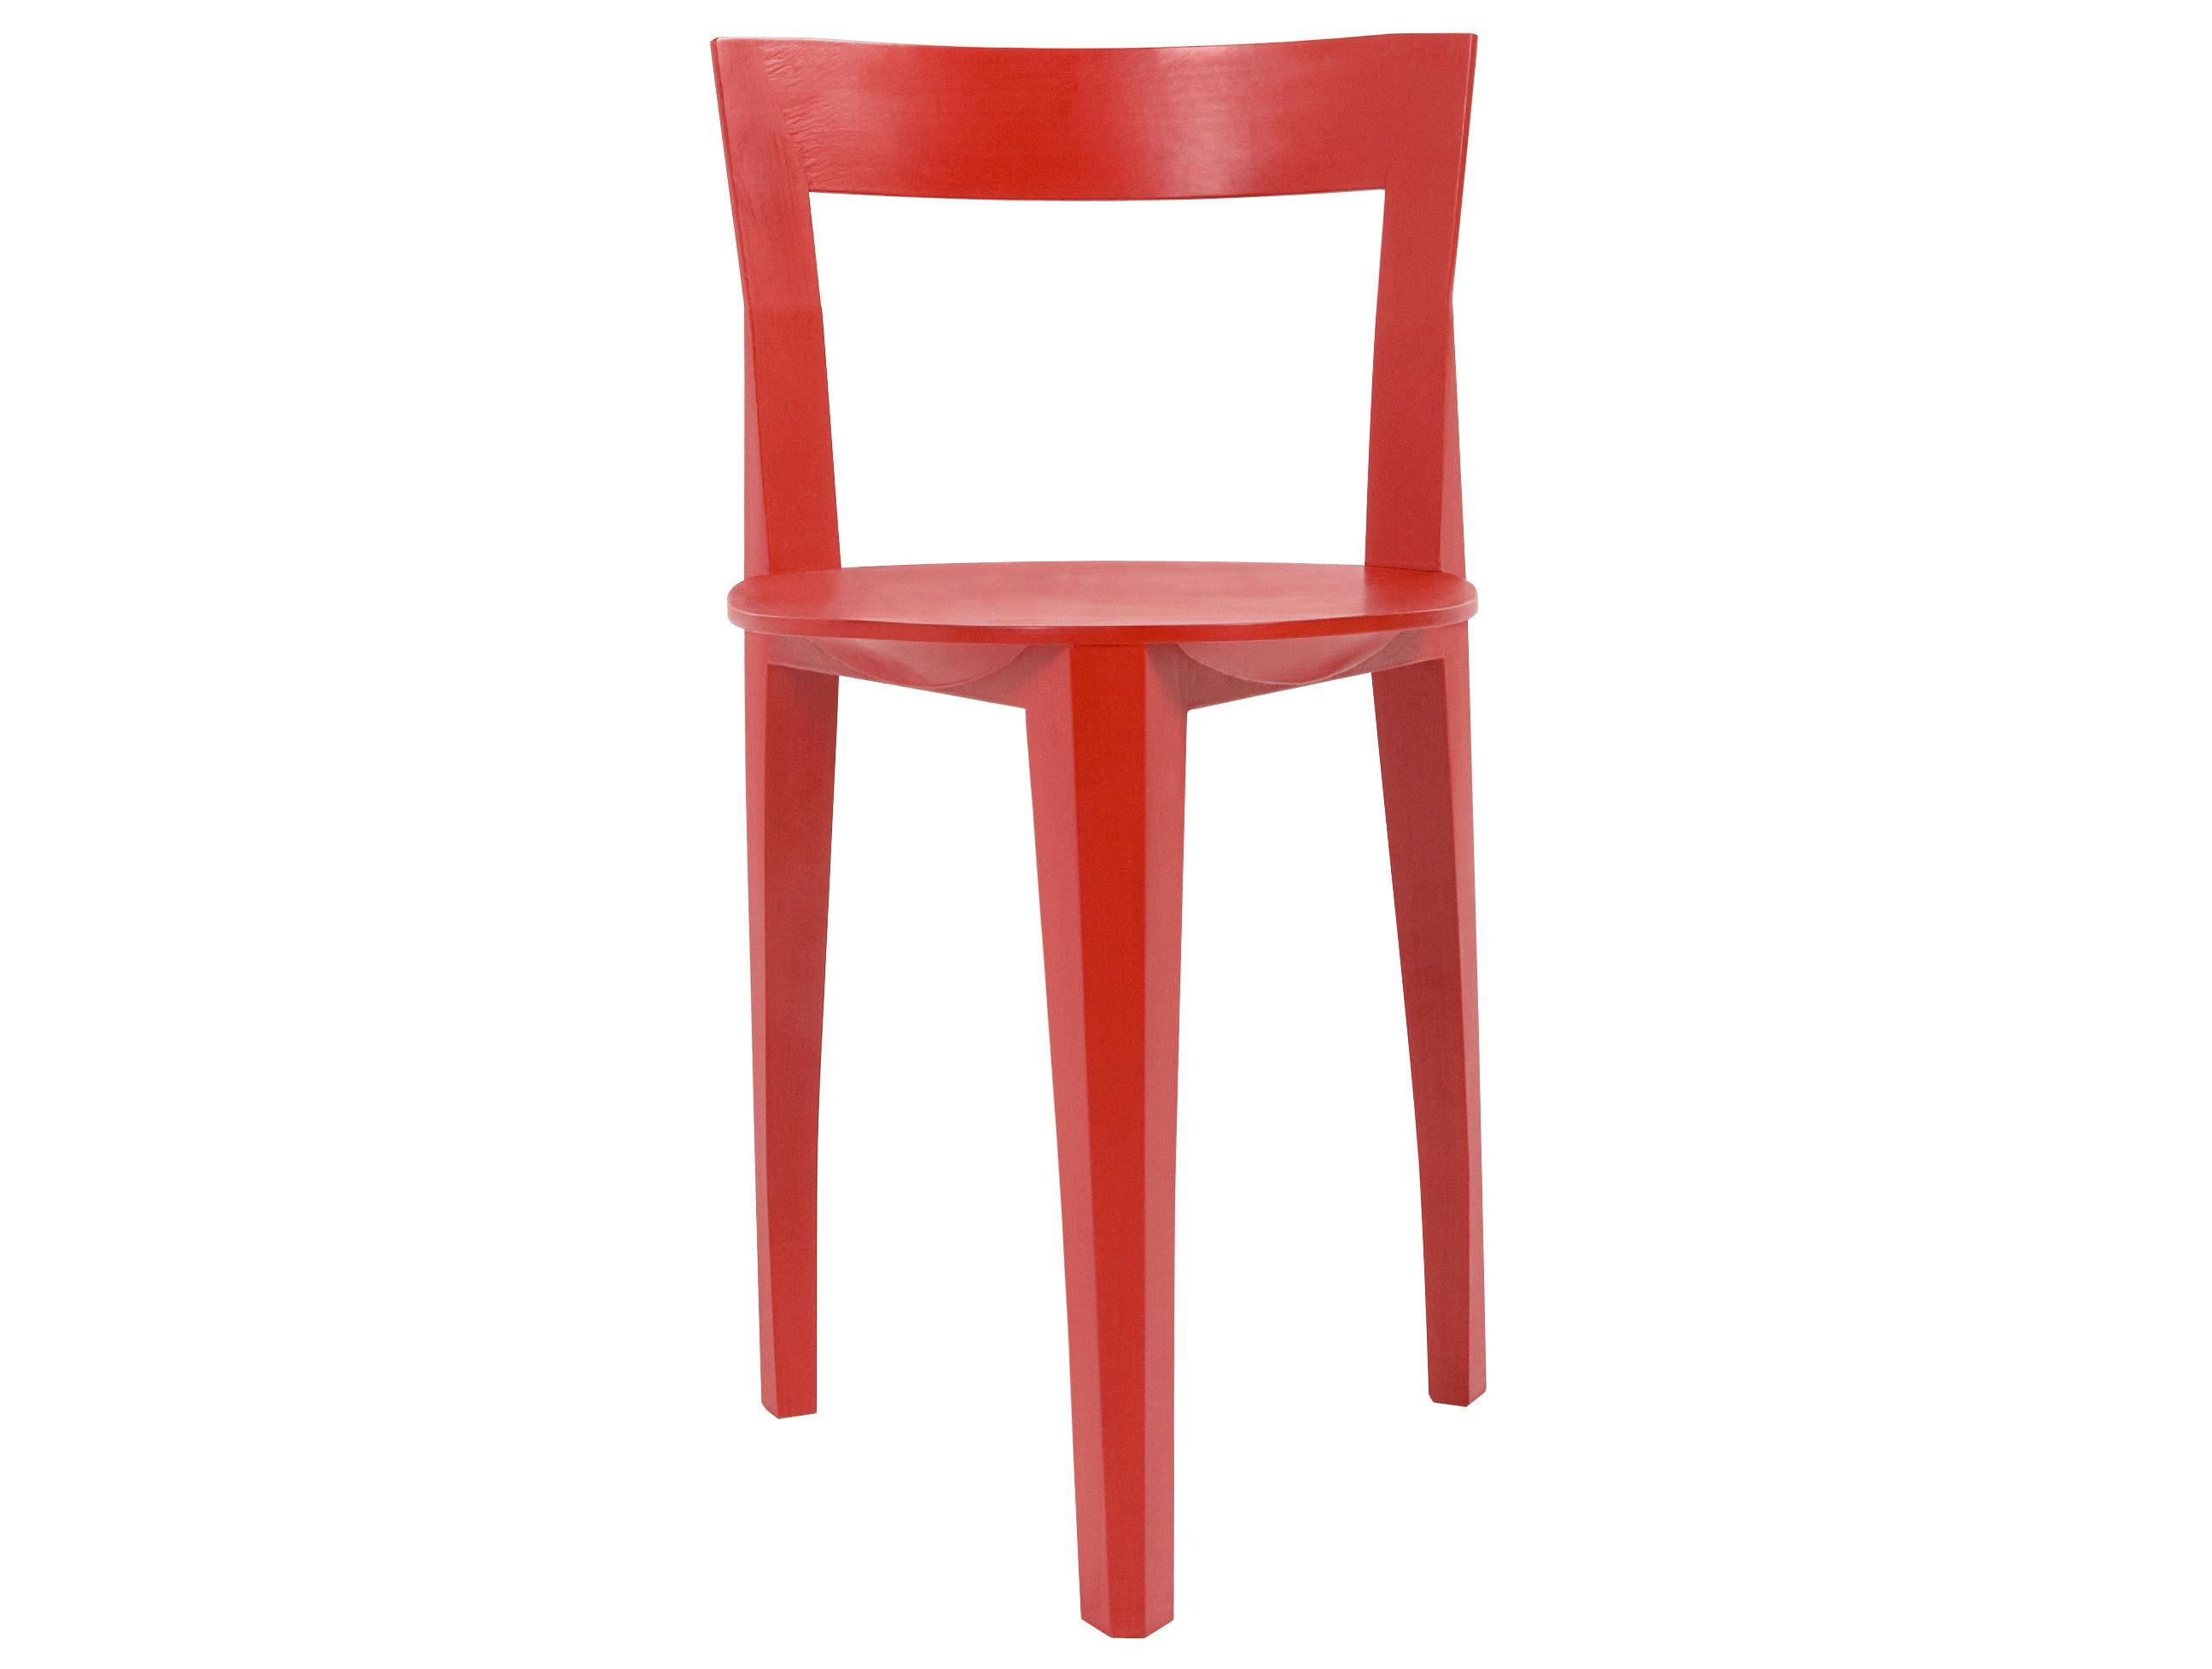 Mobilier - Chaises, fauteuils de salle à manger - Chaise Petite Gigue / Bois - Moustache - Rouge - Chêne laqué